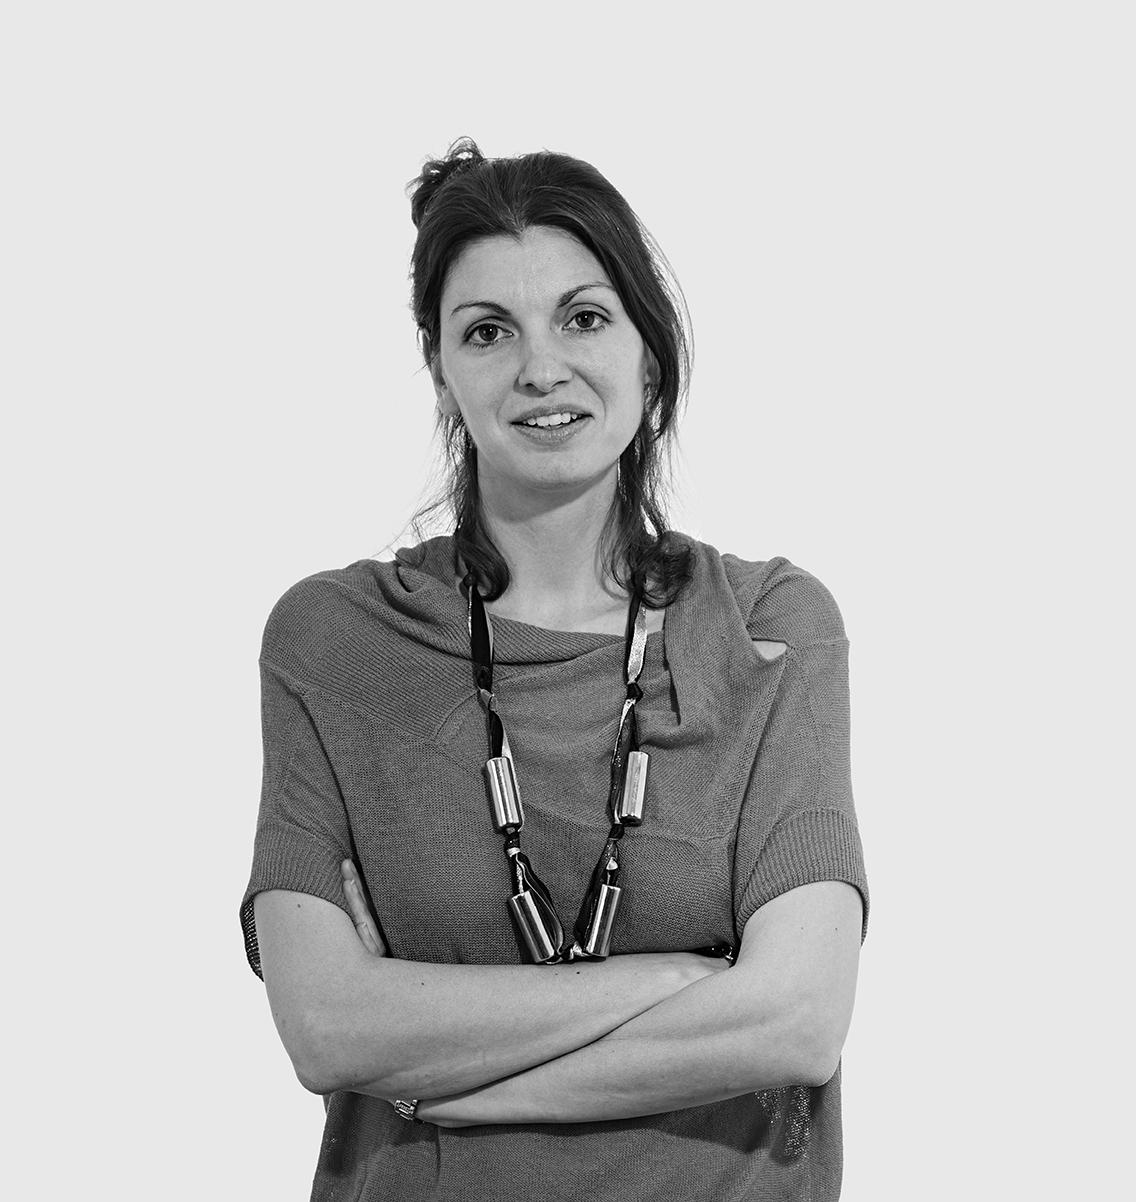 Giulia Bellini